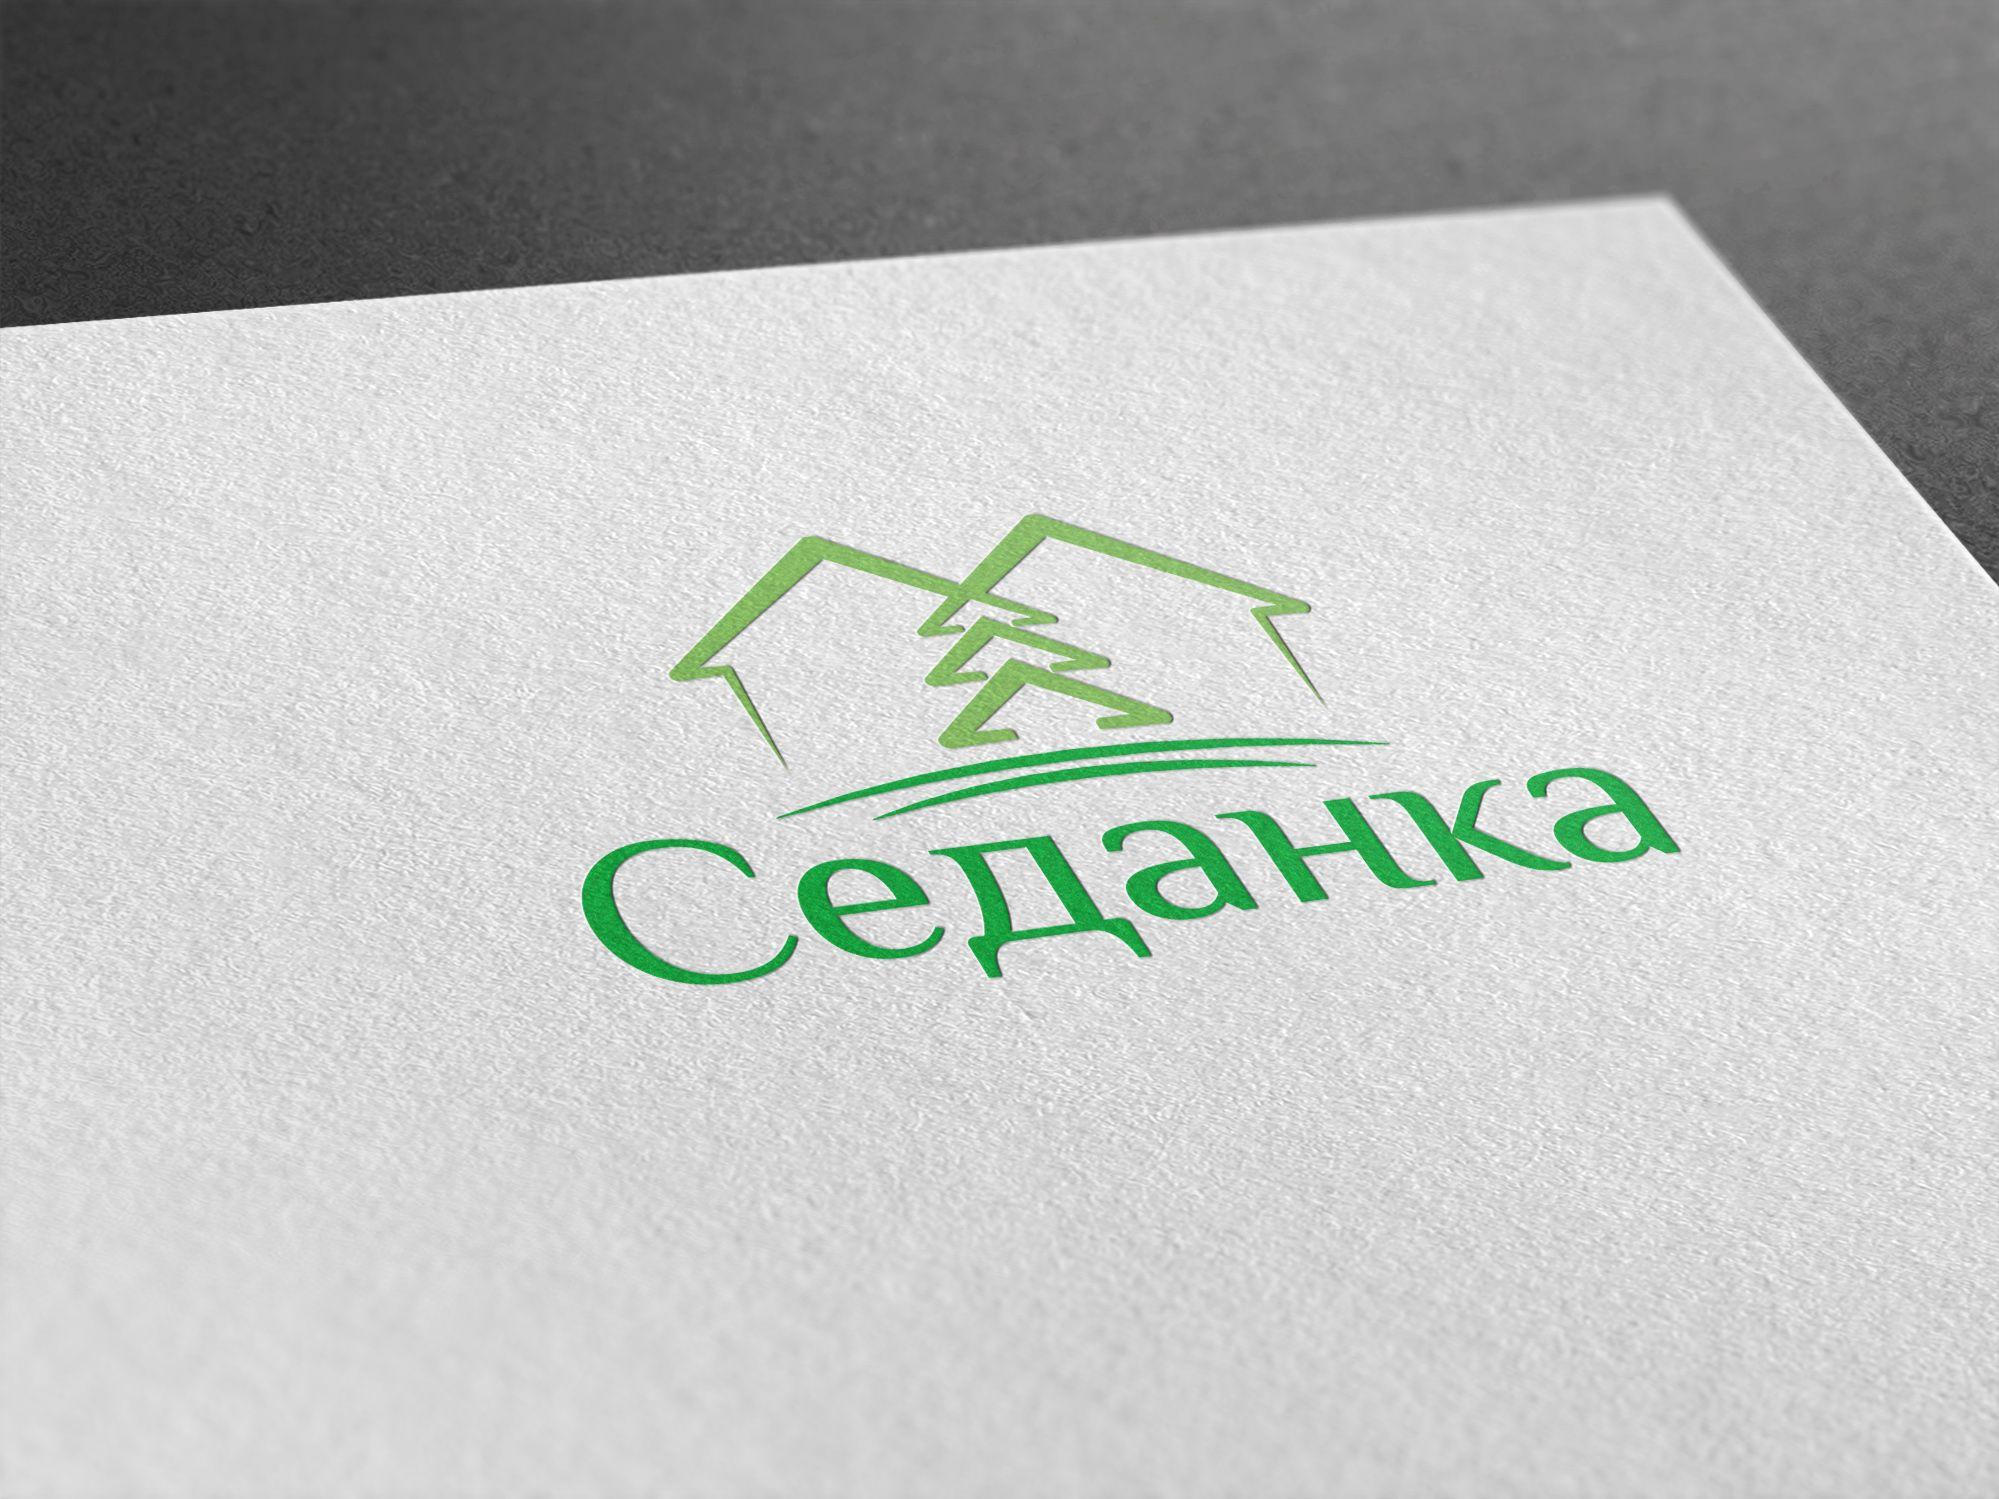 Логотип для центра отдыха - дизайнер U4po4mak